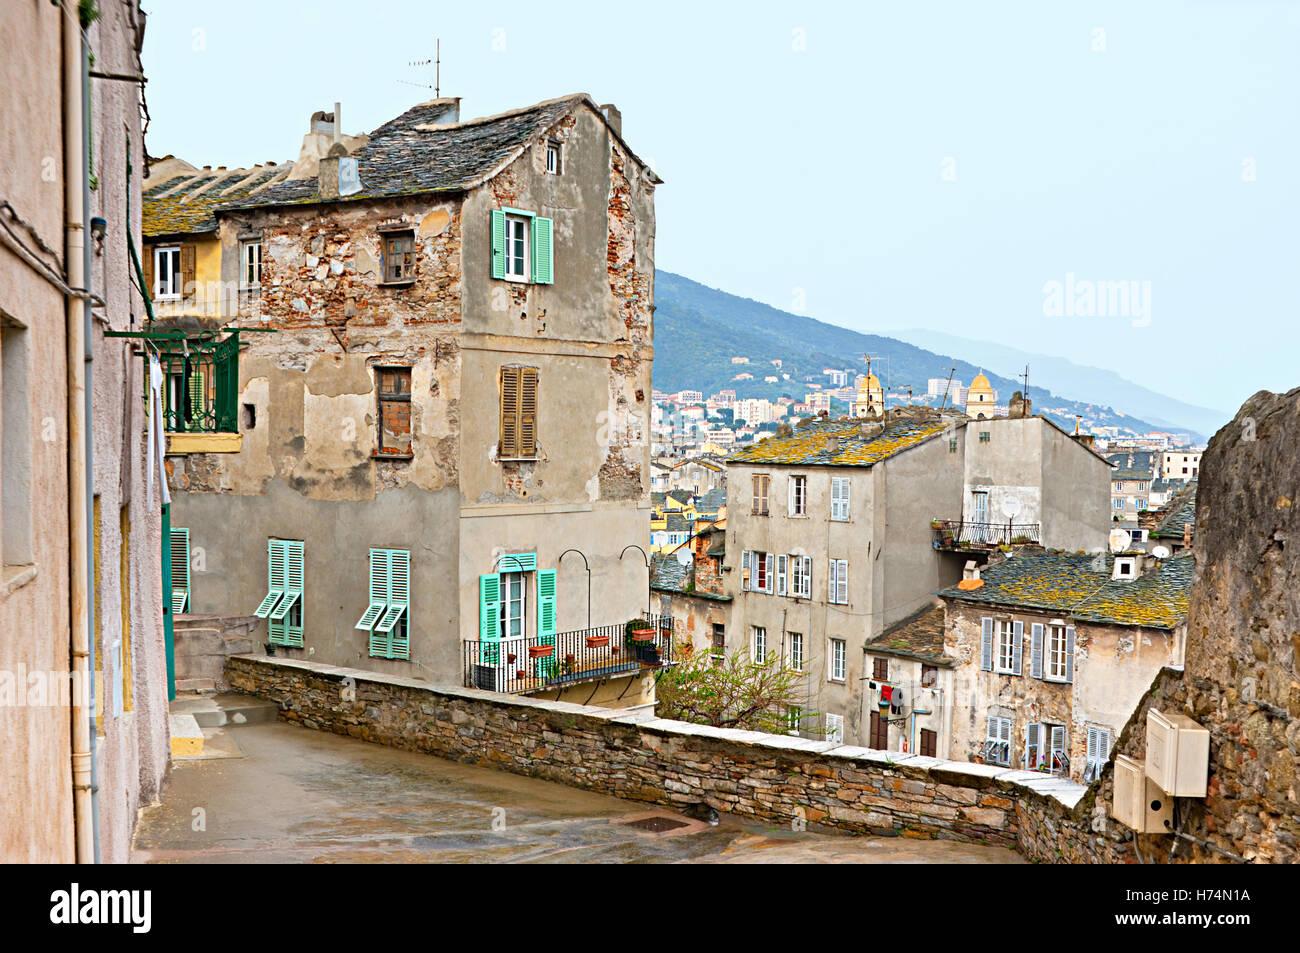 Die schlecht erhaltenen Häuser in der alten Nachbarschaft, Bastia, Korsika, Frankreich. Stockbild